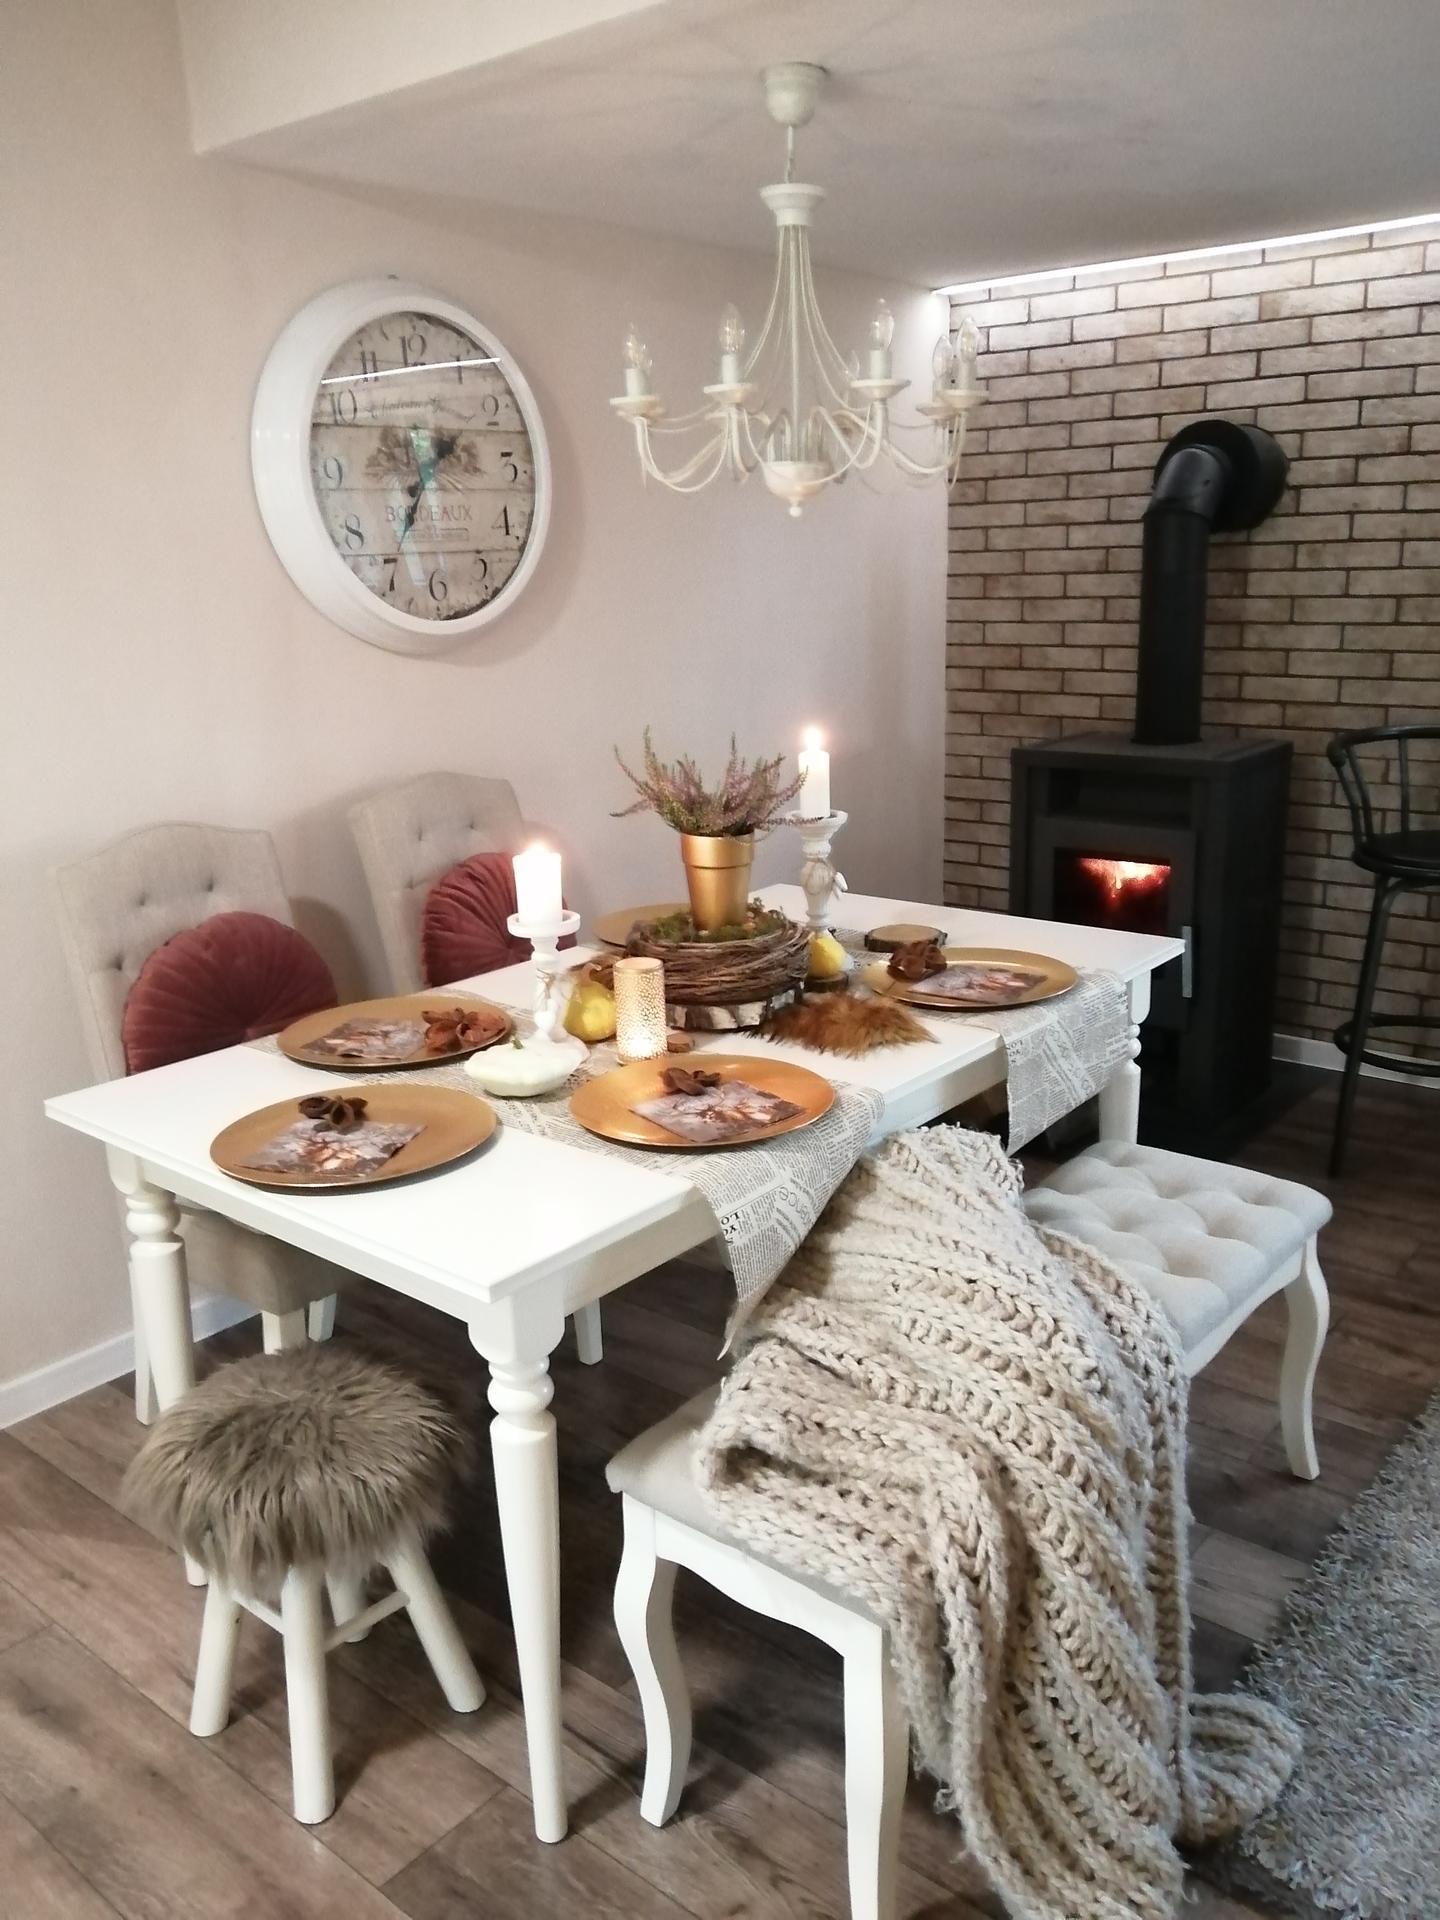 Naša jedáleň 🍂 - Obrázok č. 6